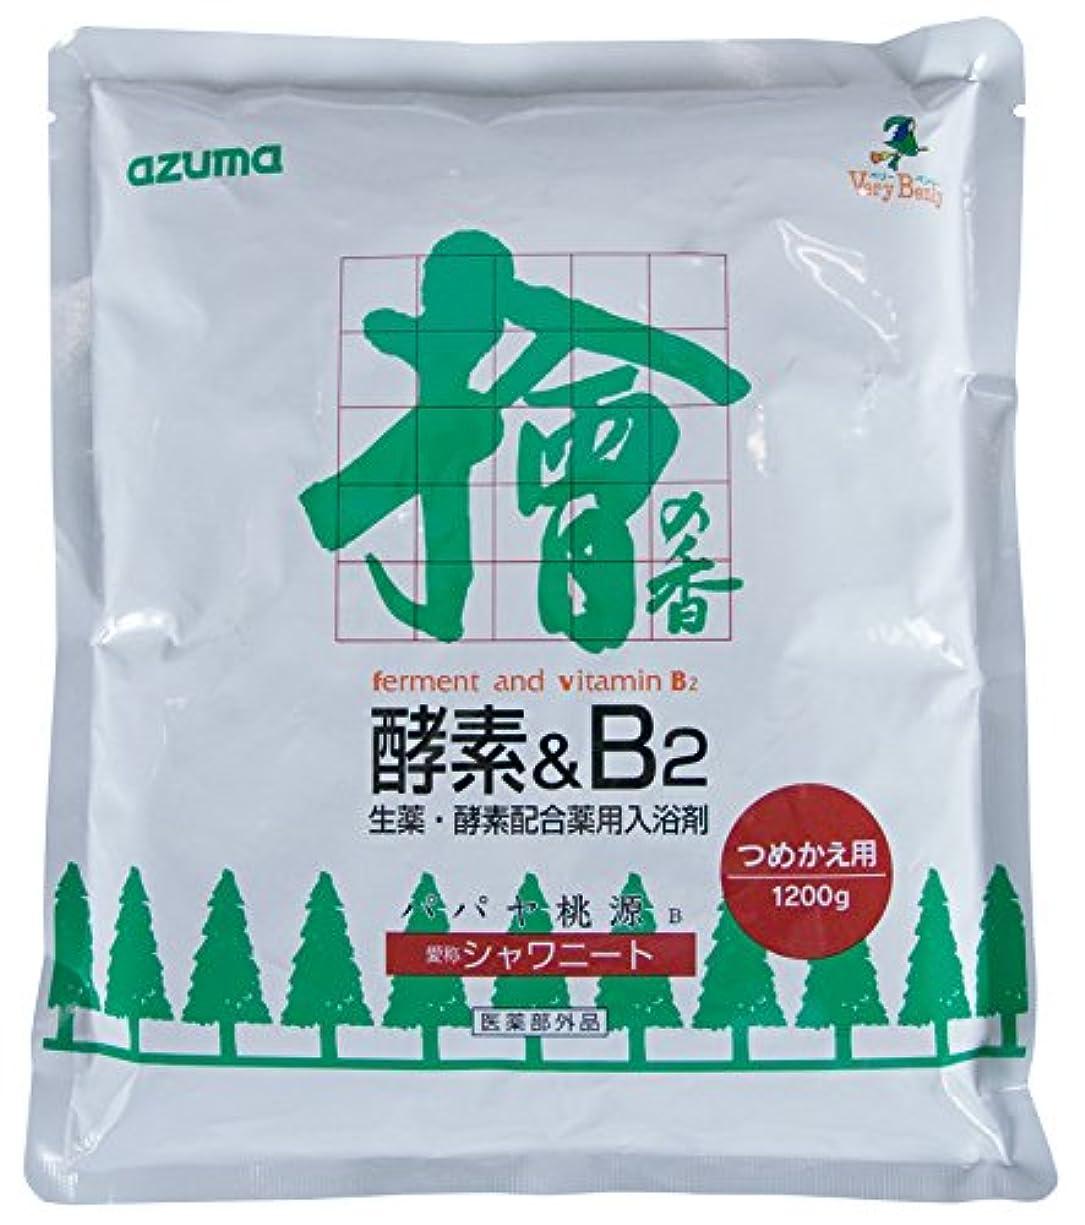 アズマ 『入浴剤』 生薬&酵素配合 TK ヒノキの香り シャワニート つめかえ用 1200g